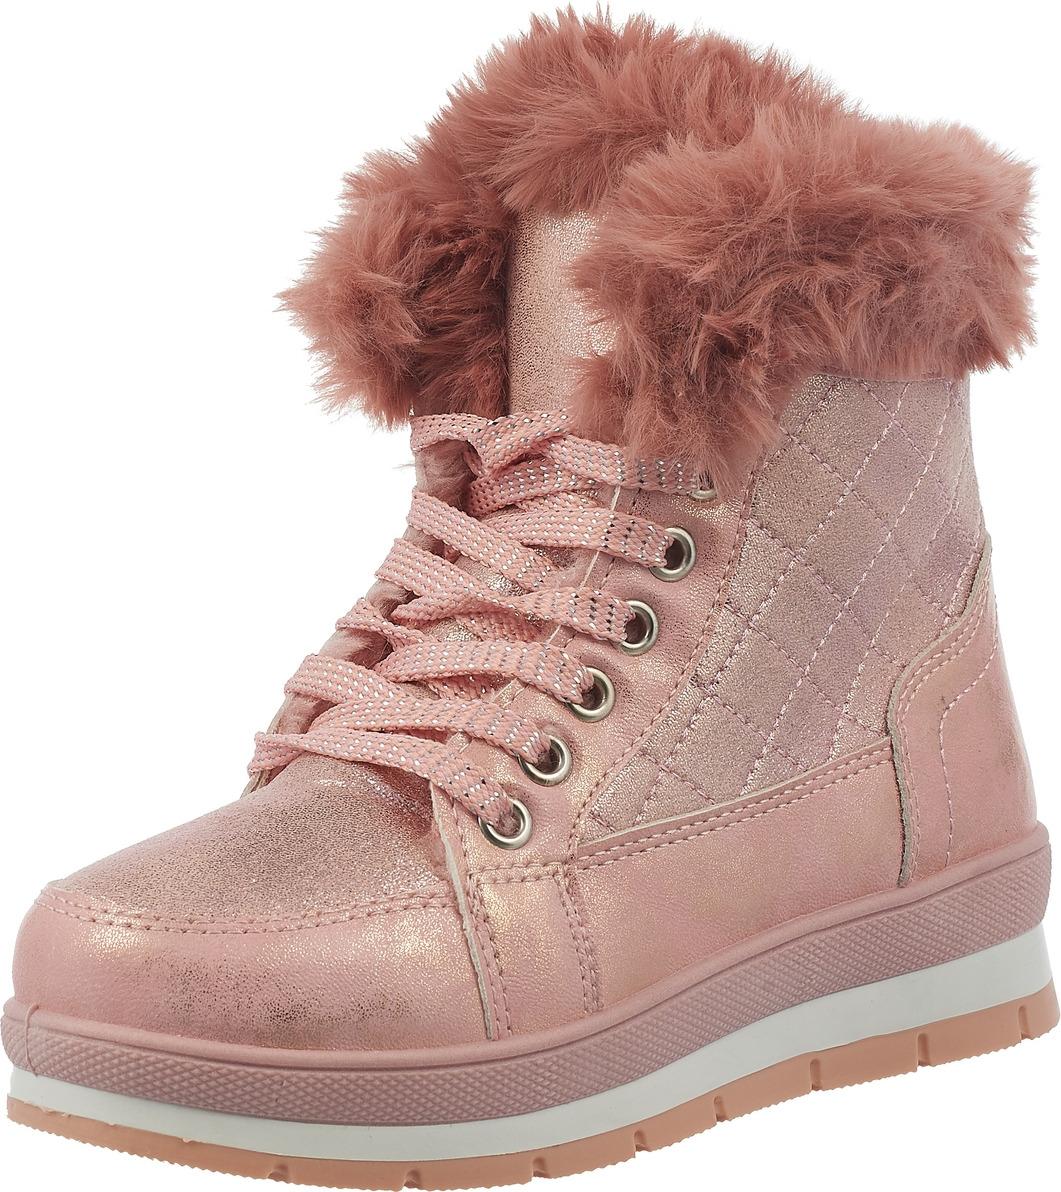 Ботинки для девочки Saivvila, цвет: розовый. PT03-6. Размер 34PT03-6